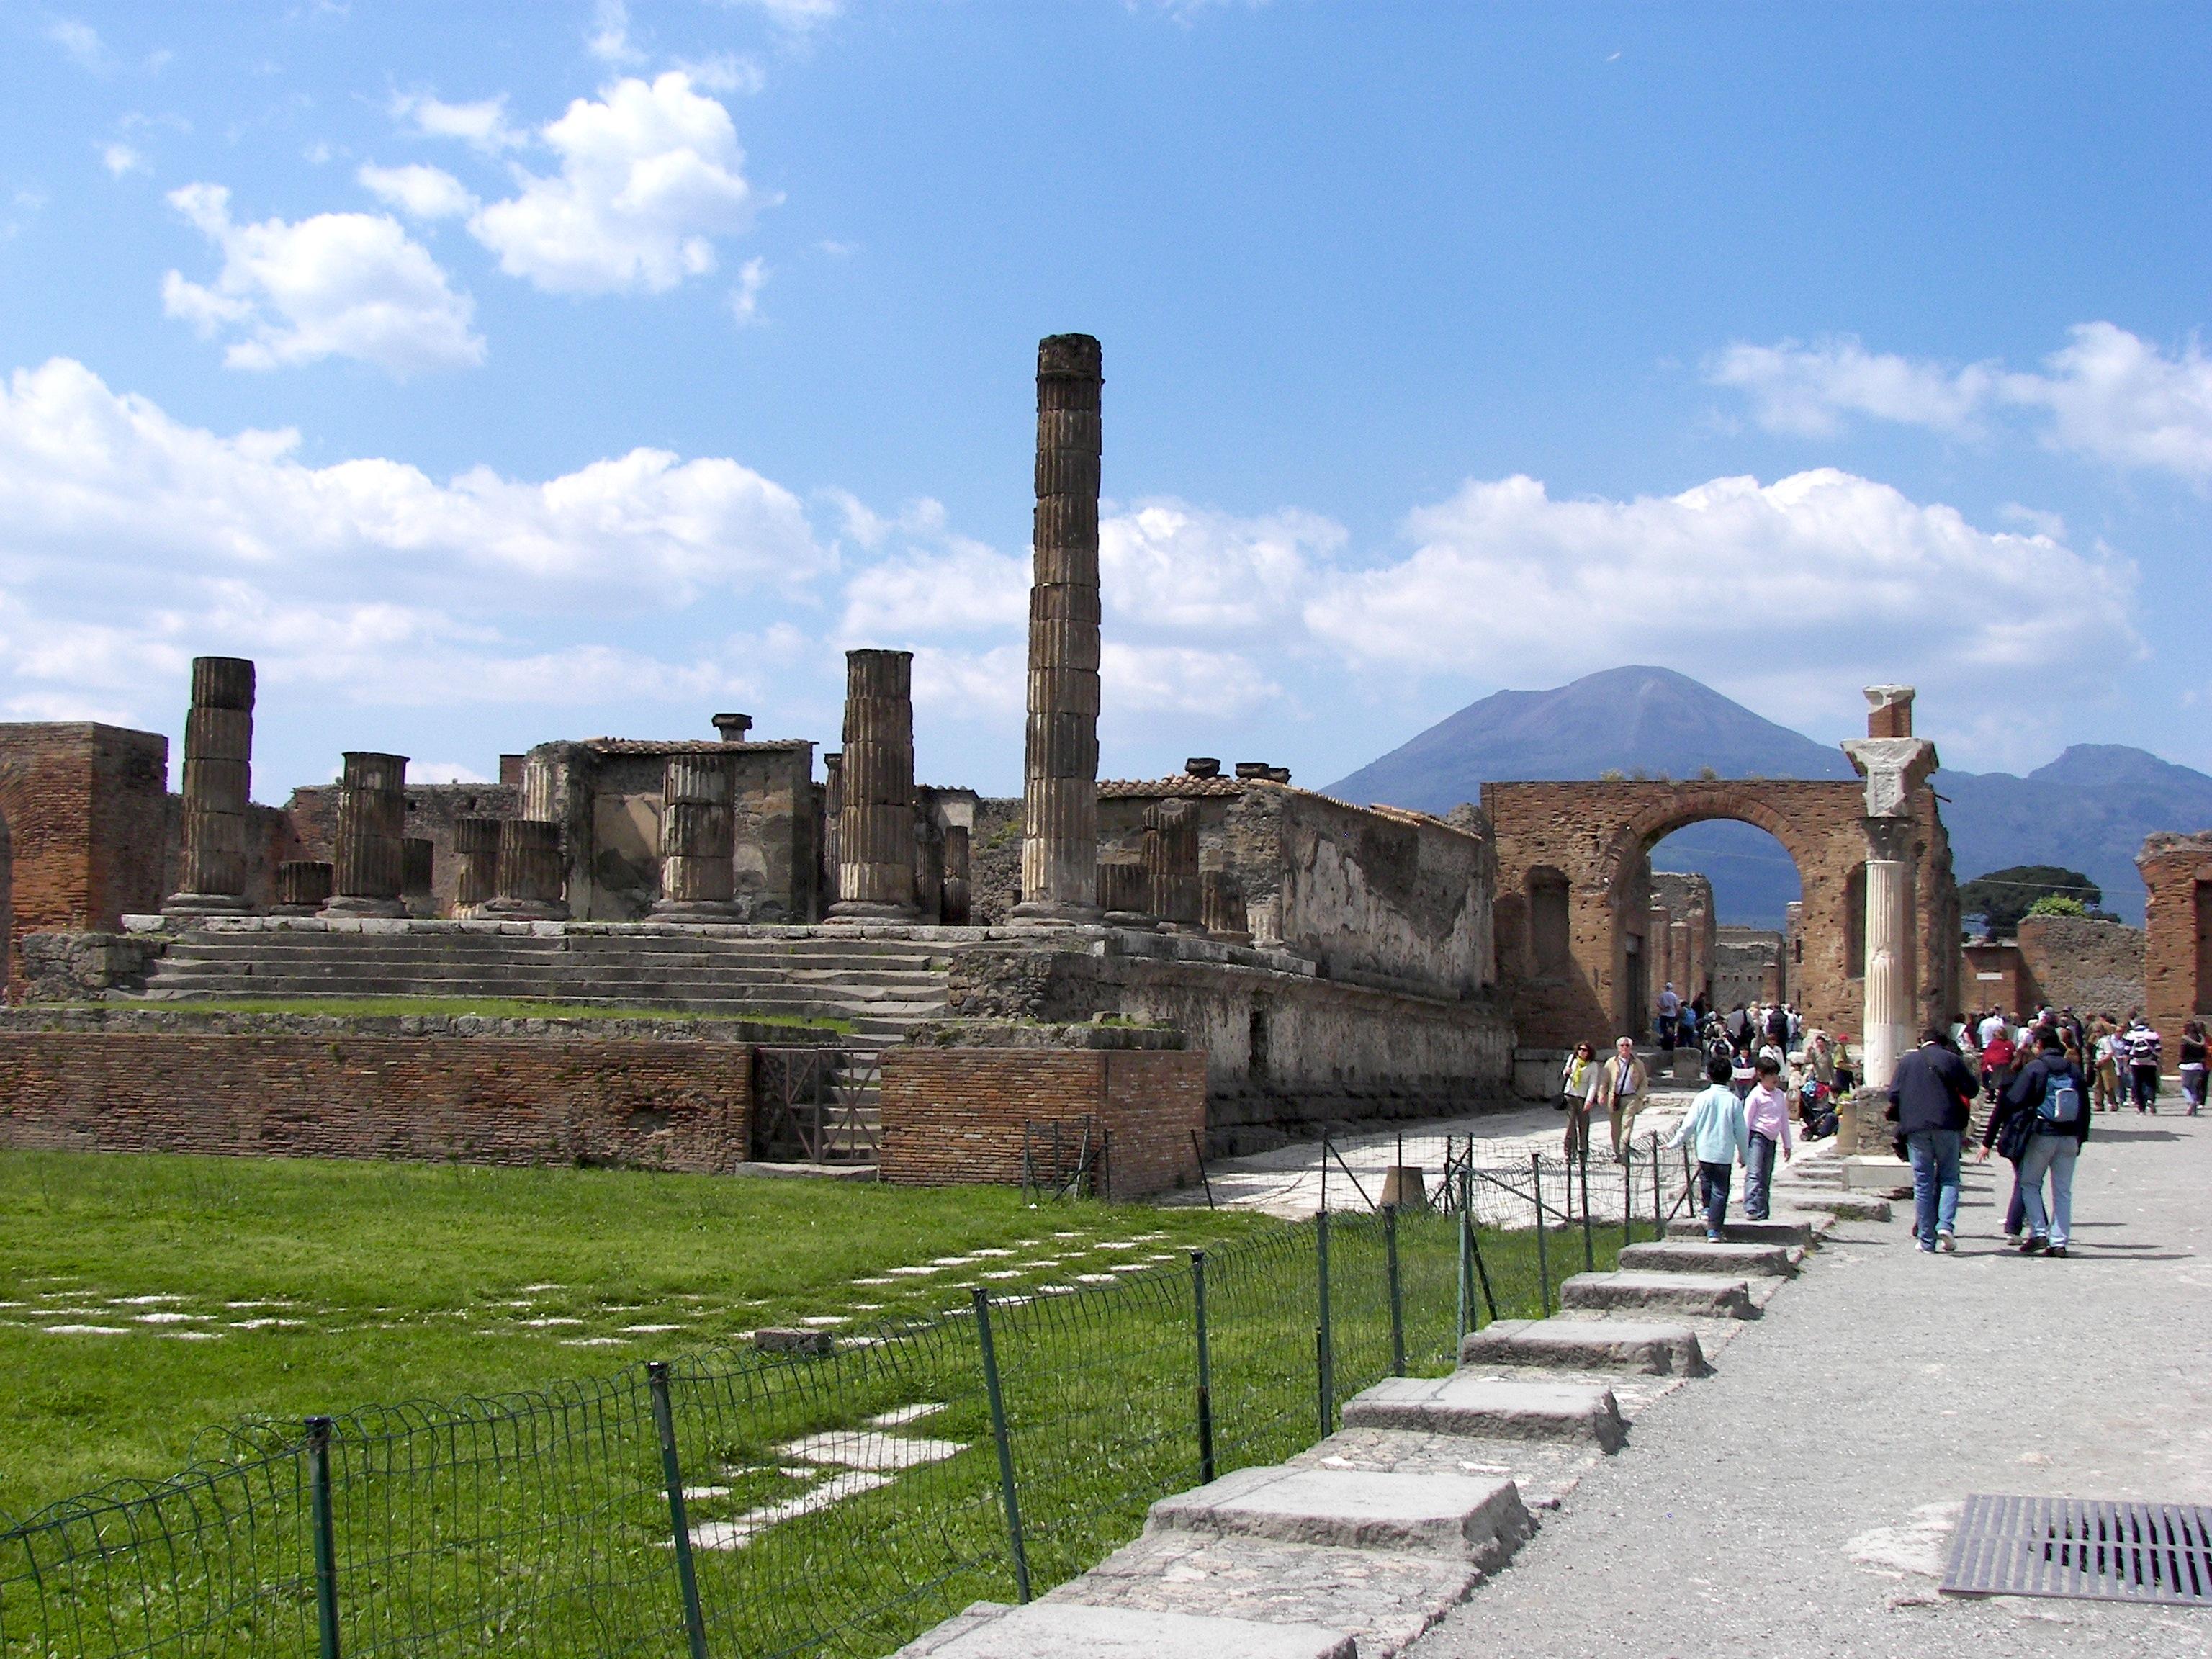 Informasjon om turistattraksjoner i Italia